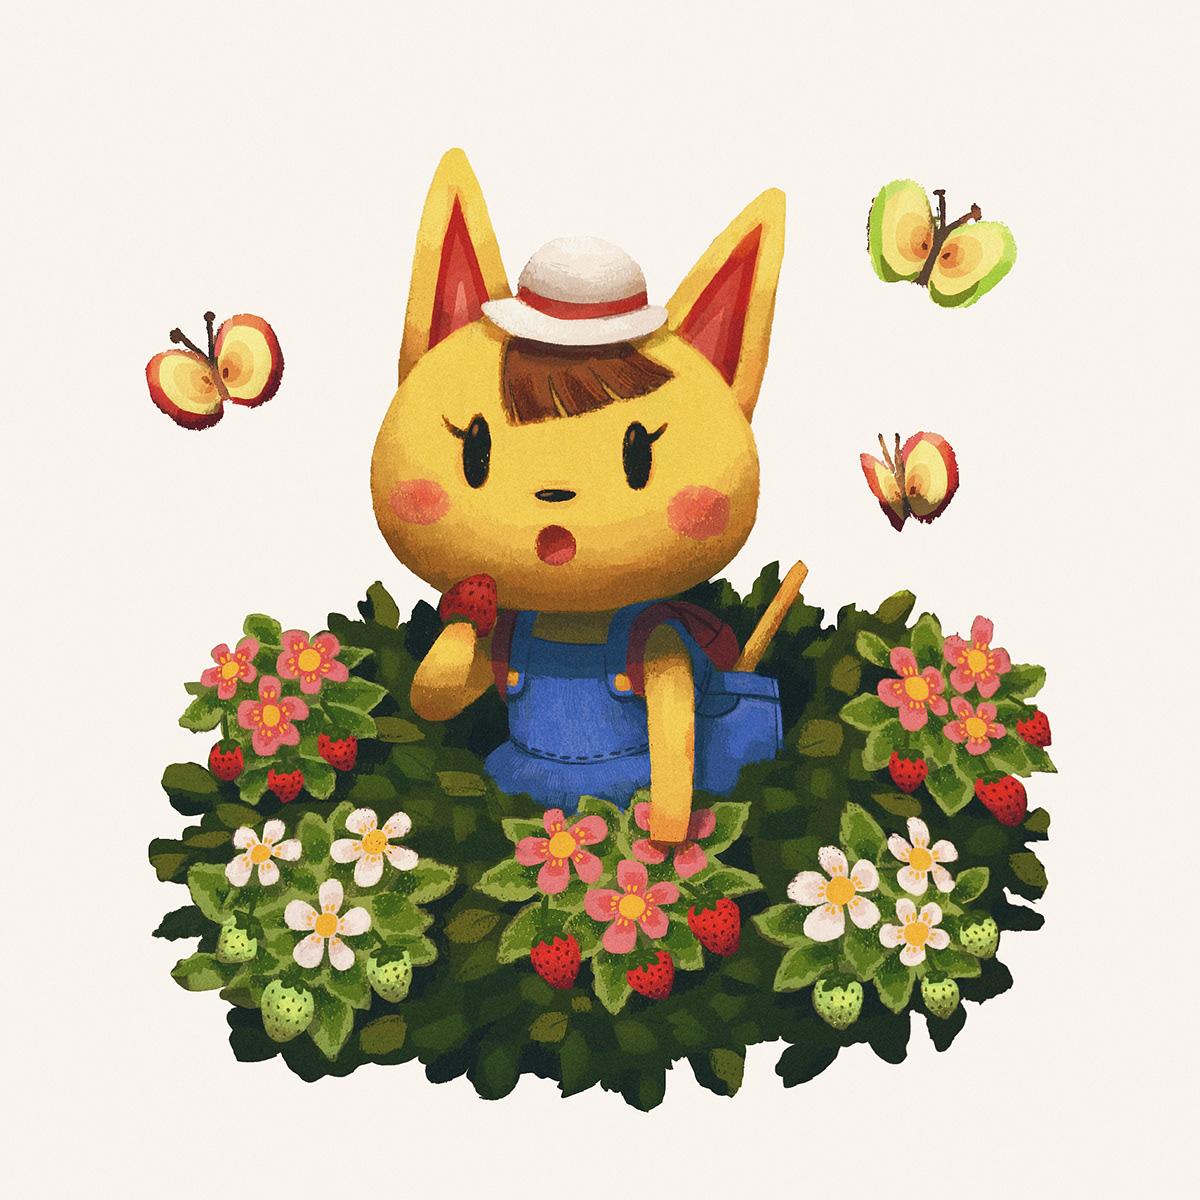 Animal Crossing Fan Art on Behance